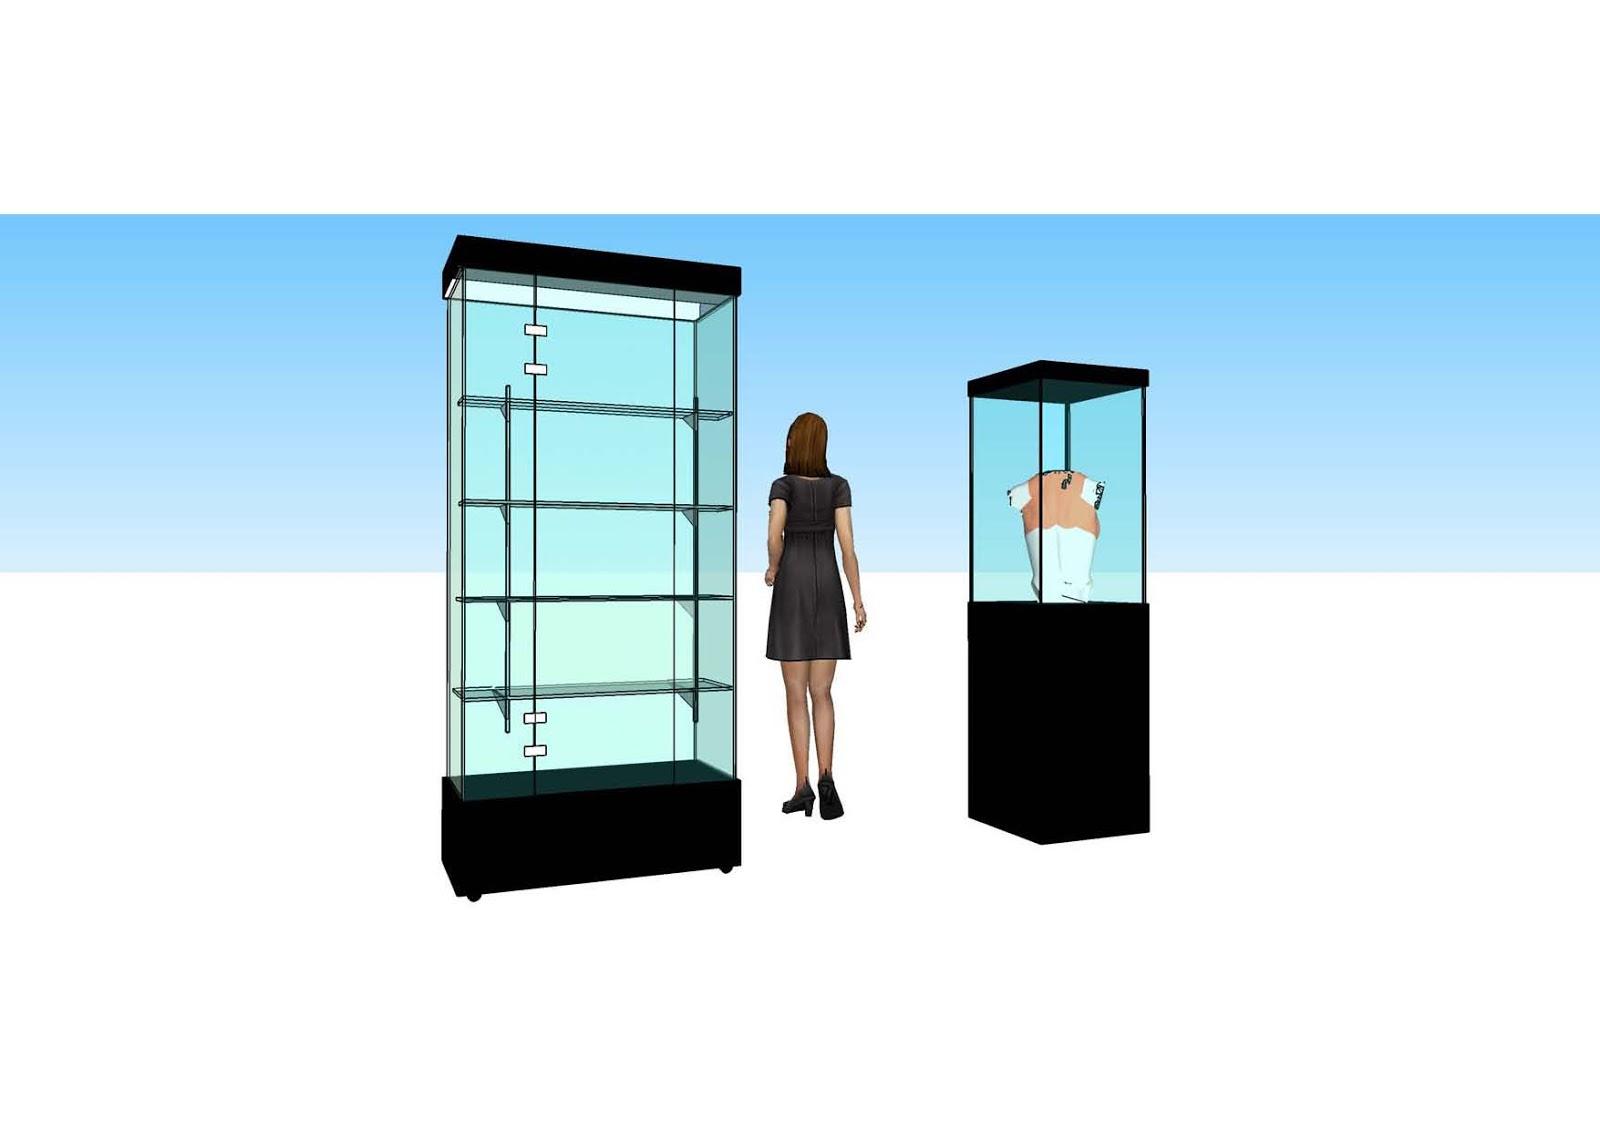 連維仁采聯室內空間/玻璃屋採光罩設計施工: 辦公室展示櫃設計 ...